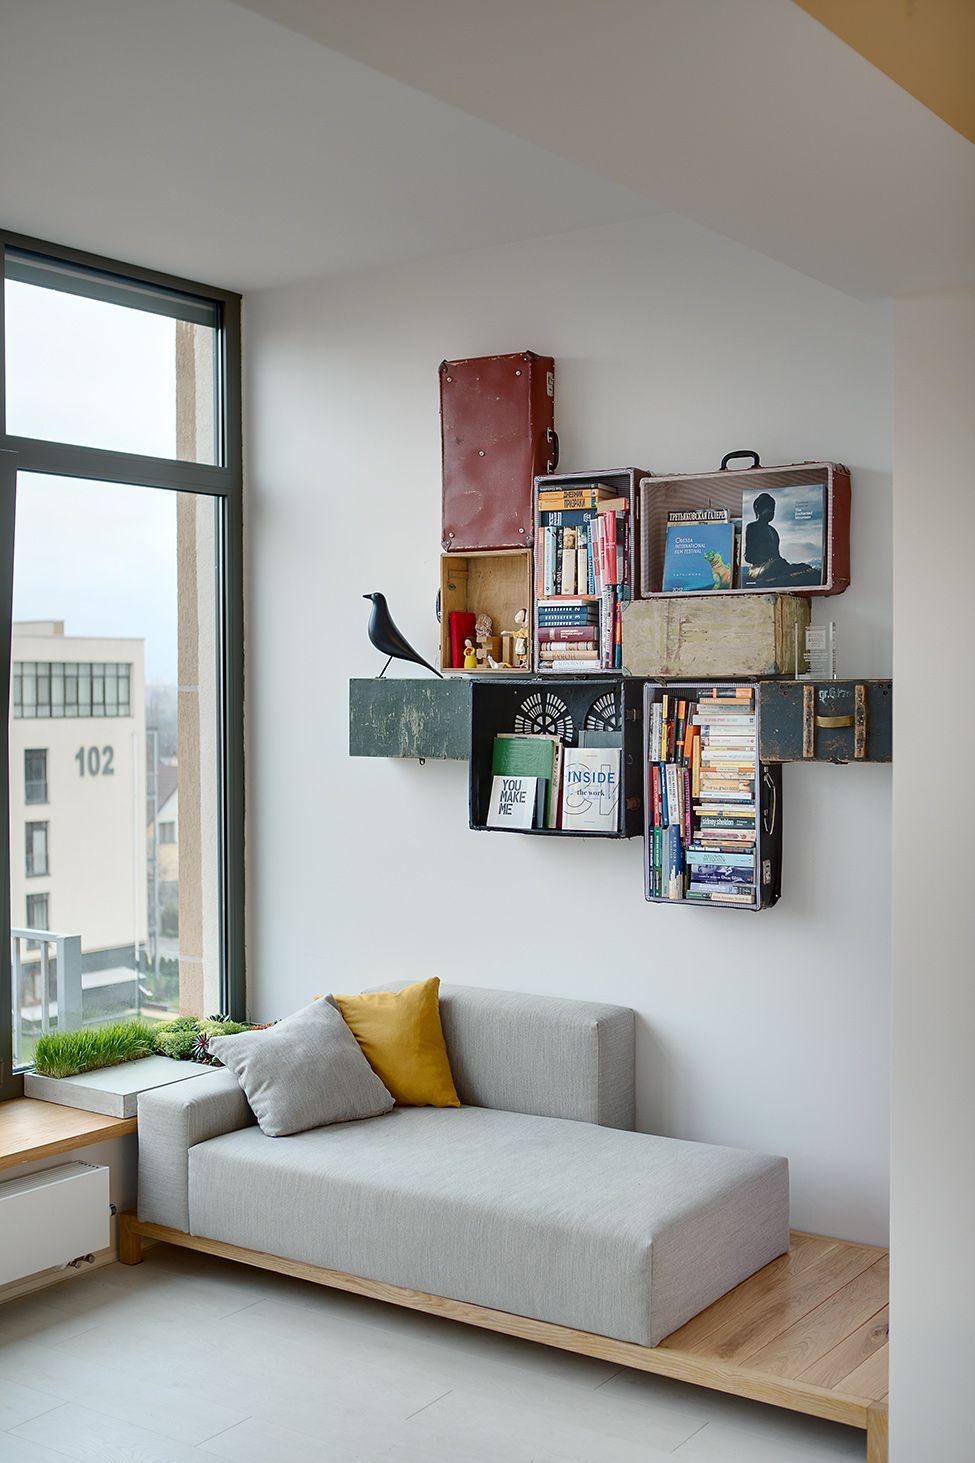 Innenarchitektur wohnzimmer für kleine wohnung Квартира молодой семьи в Киеве  einrichtung  pinterest